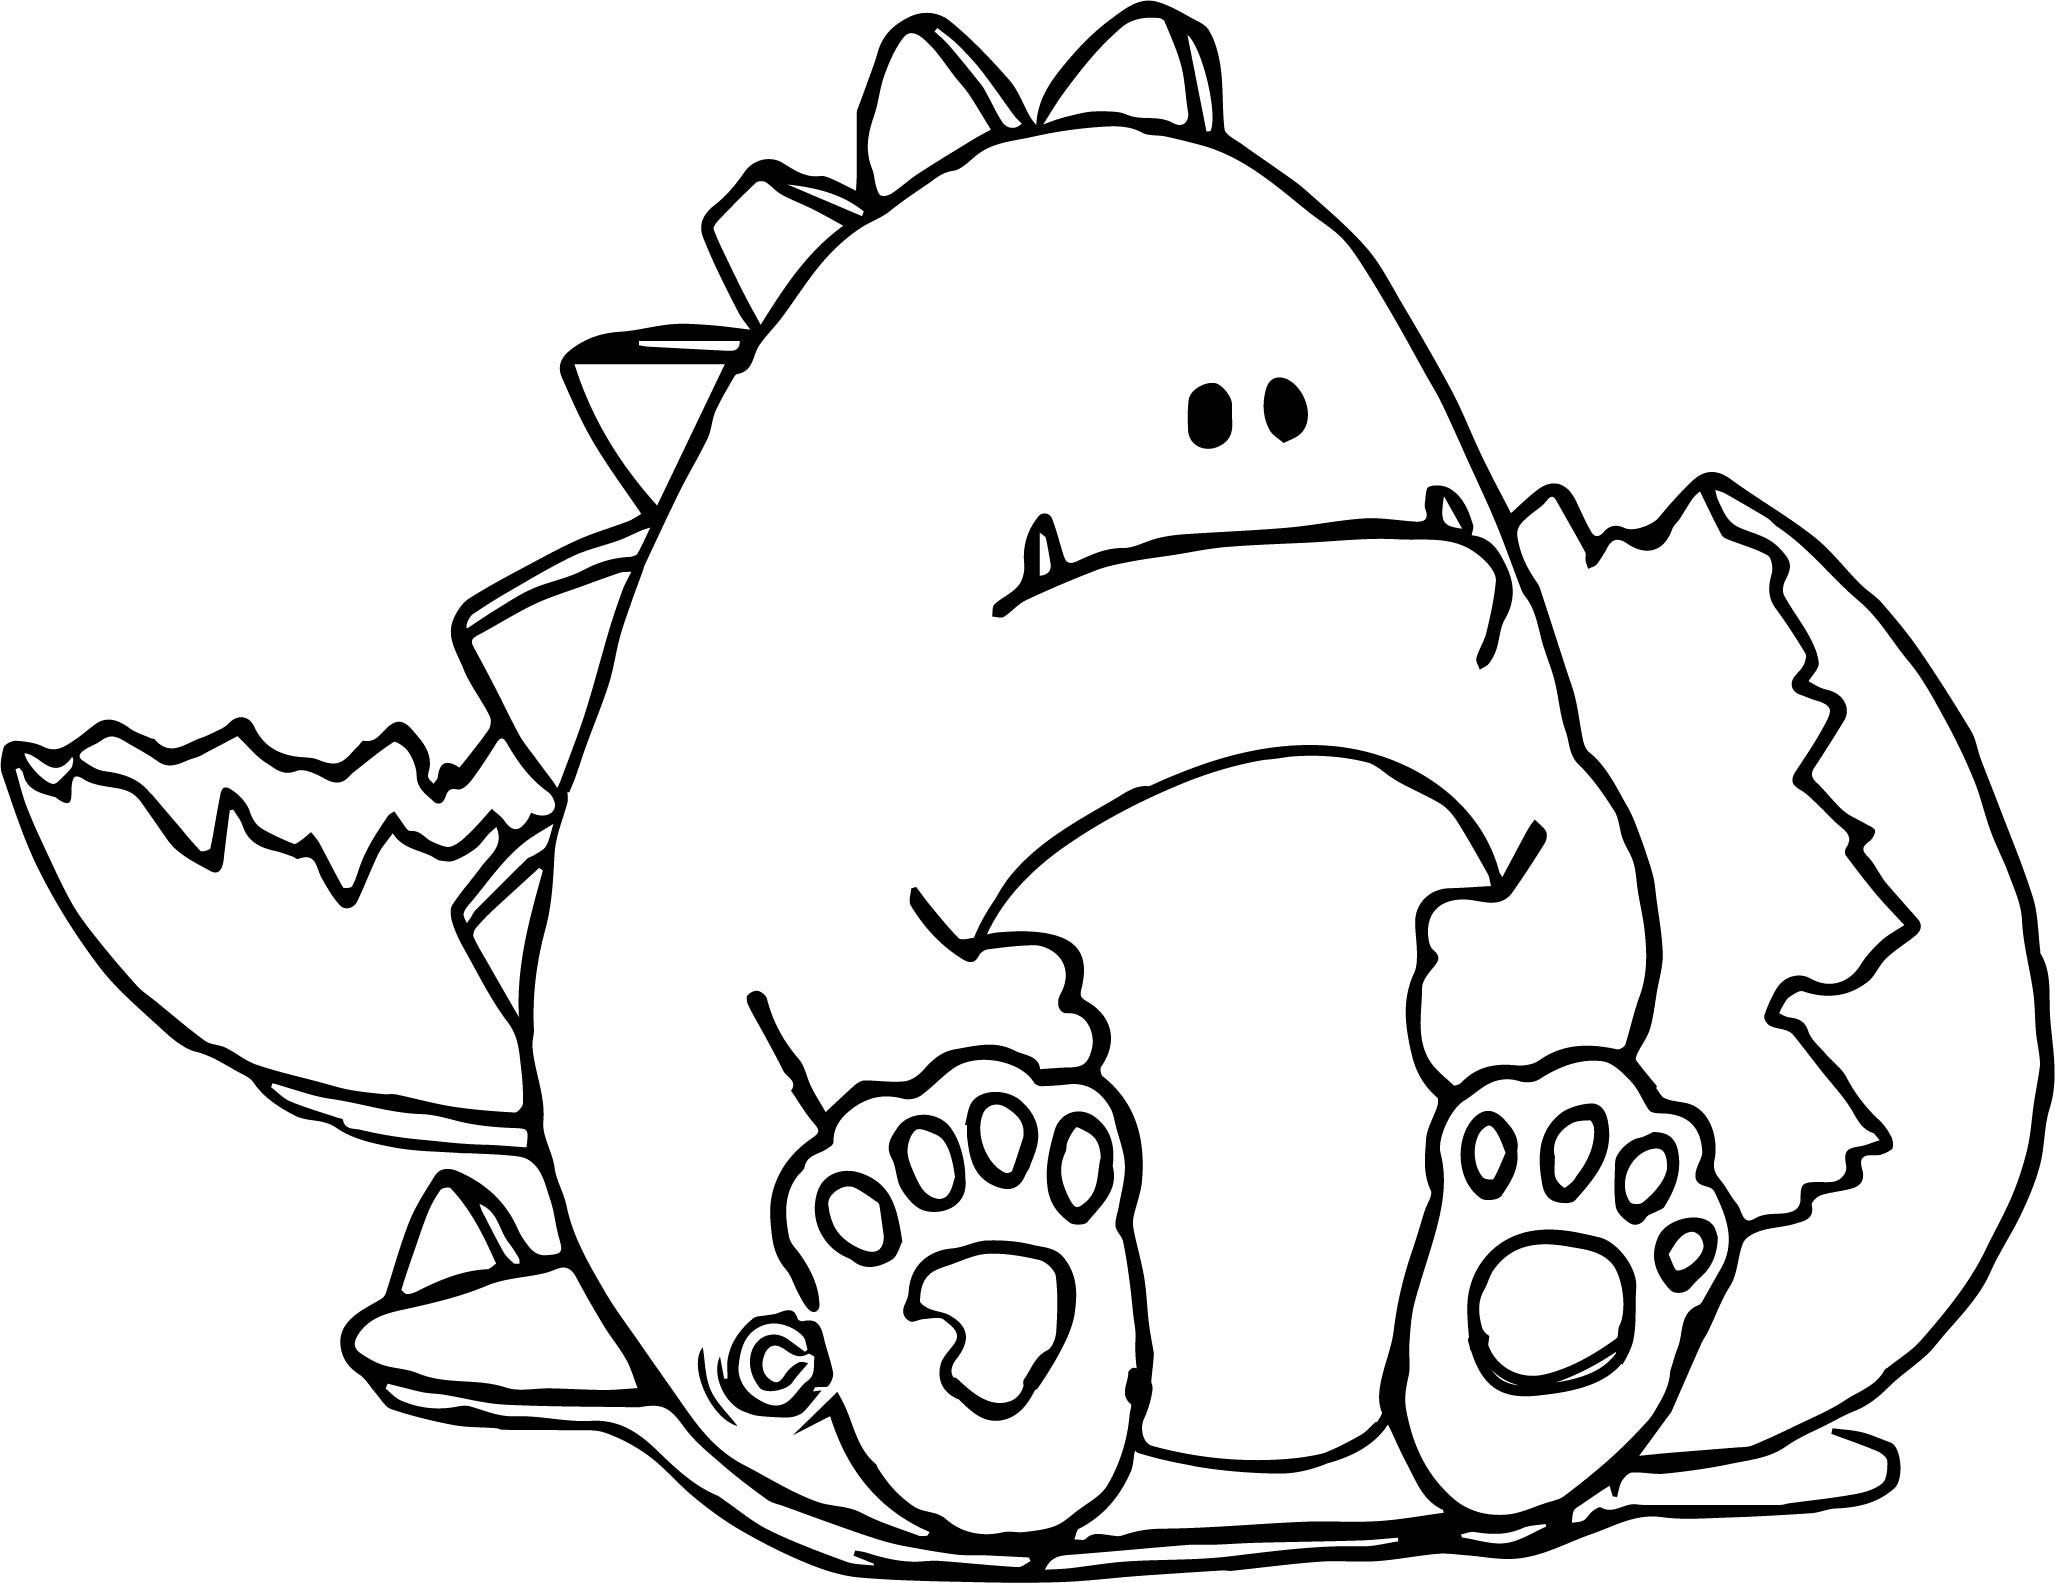 Broken Egg Baby Dinosaur Coloring Page